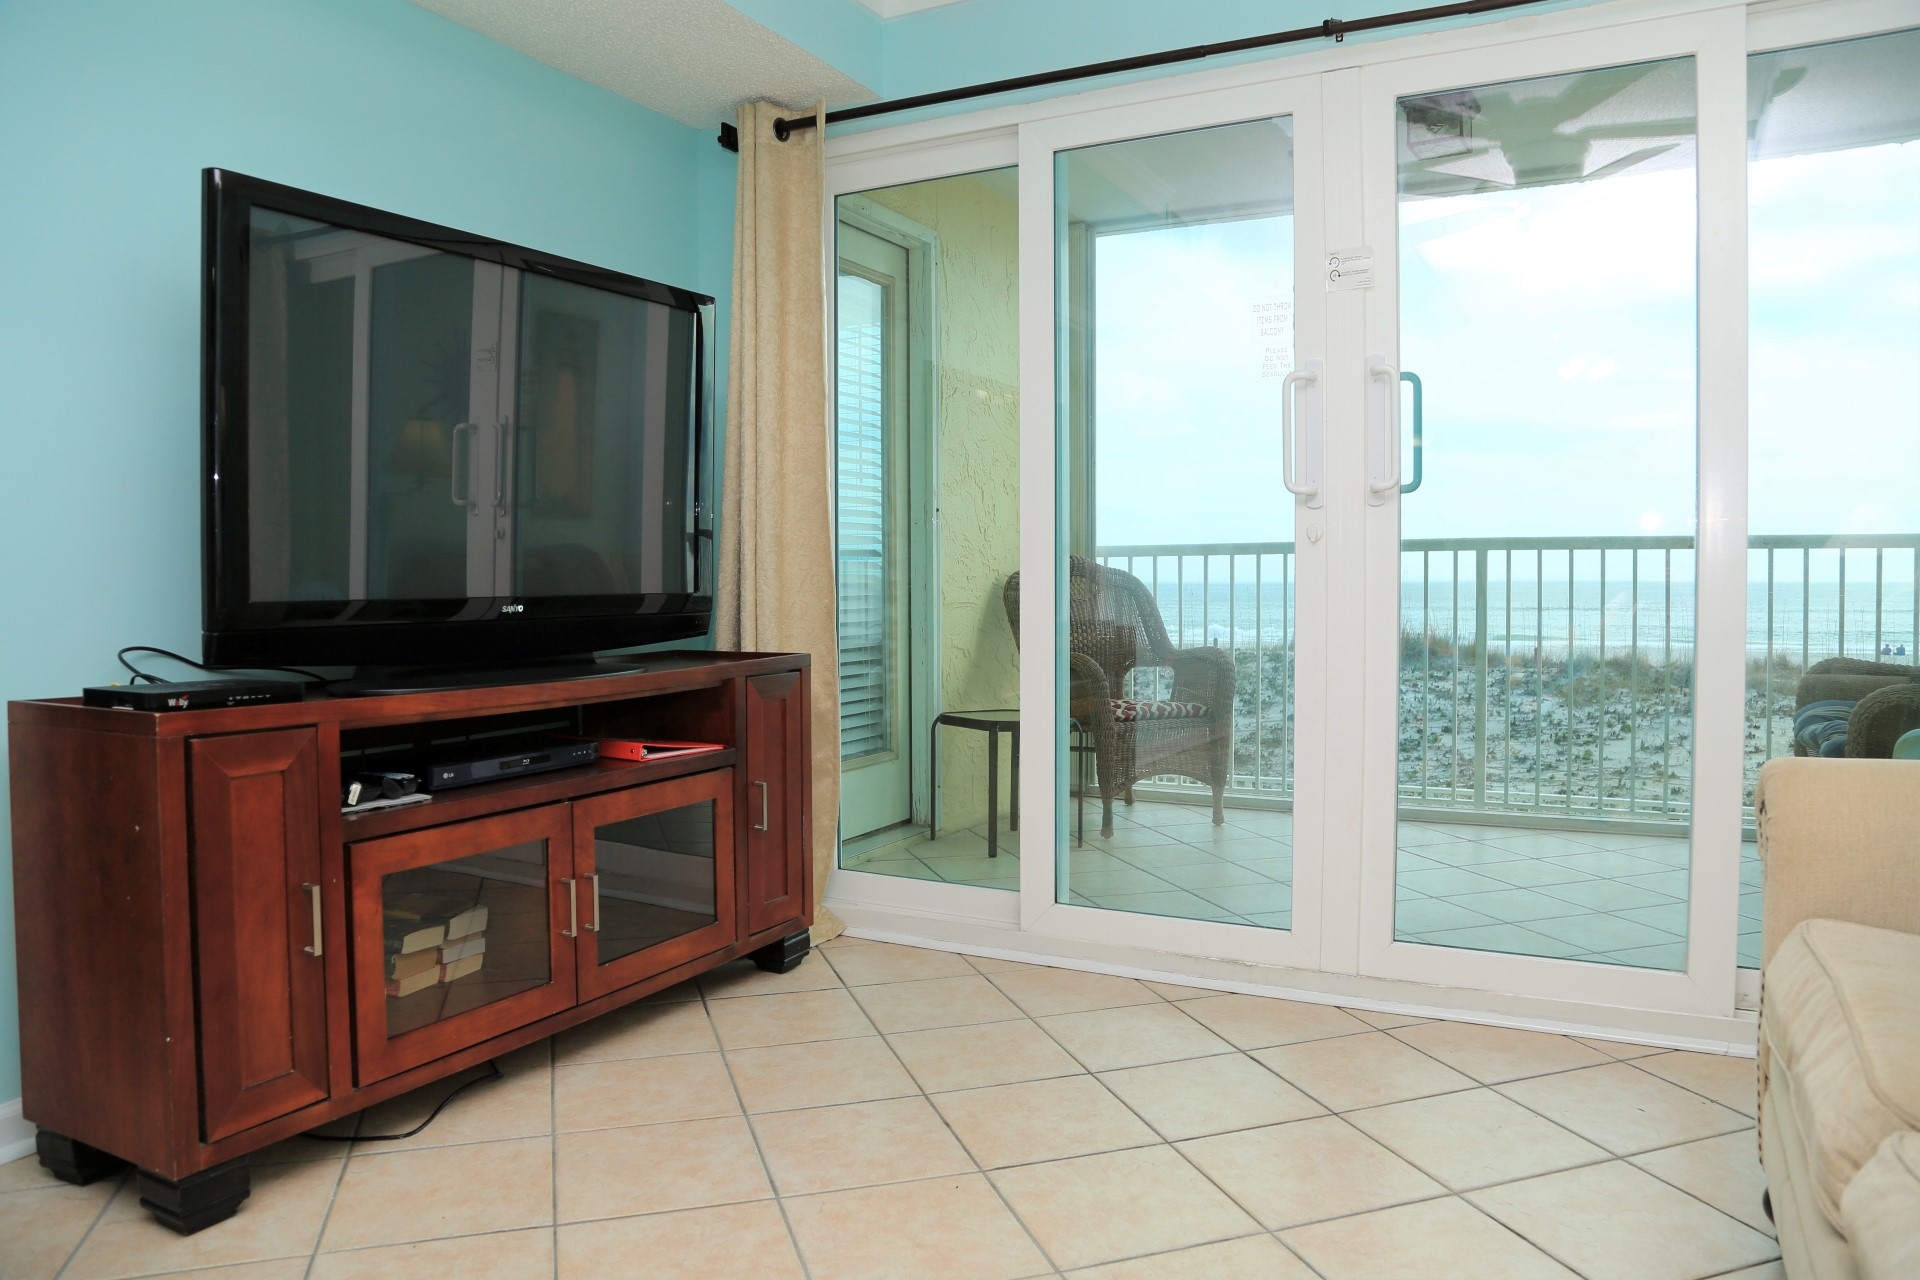 Castaways 1B - Living Room - TV